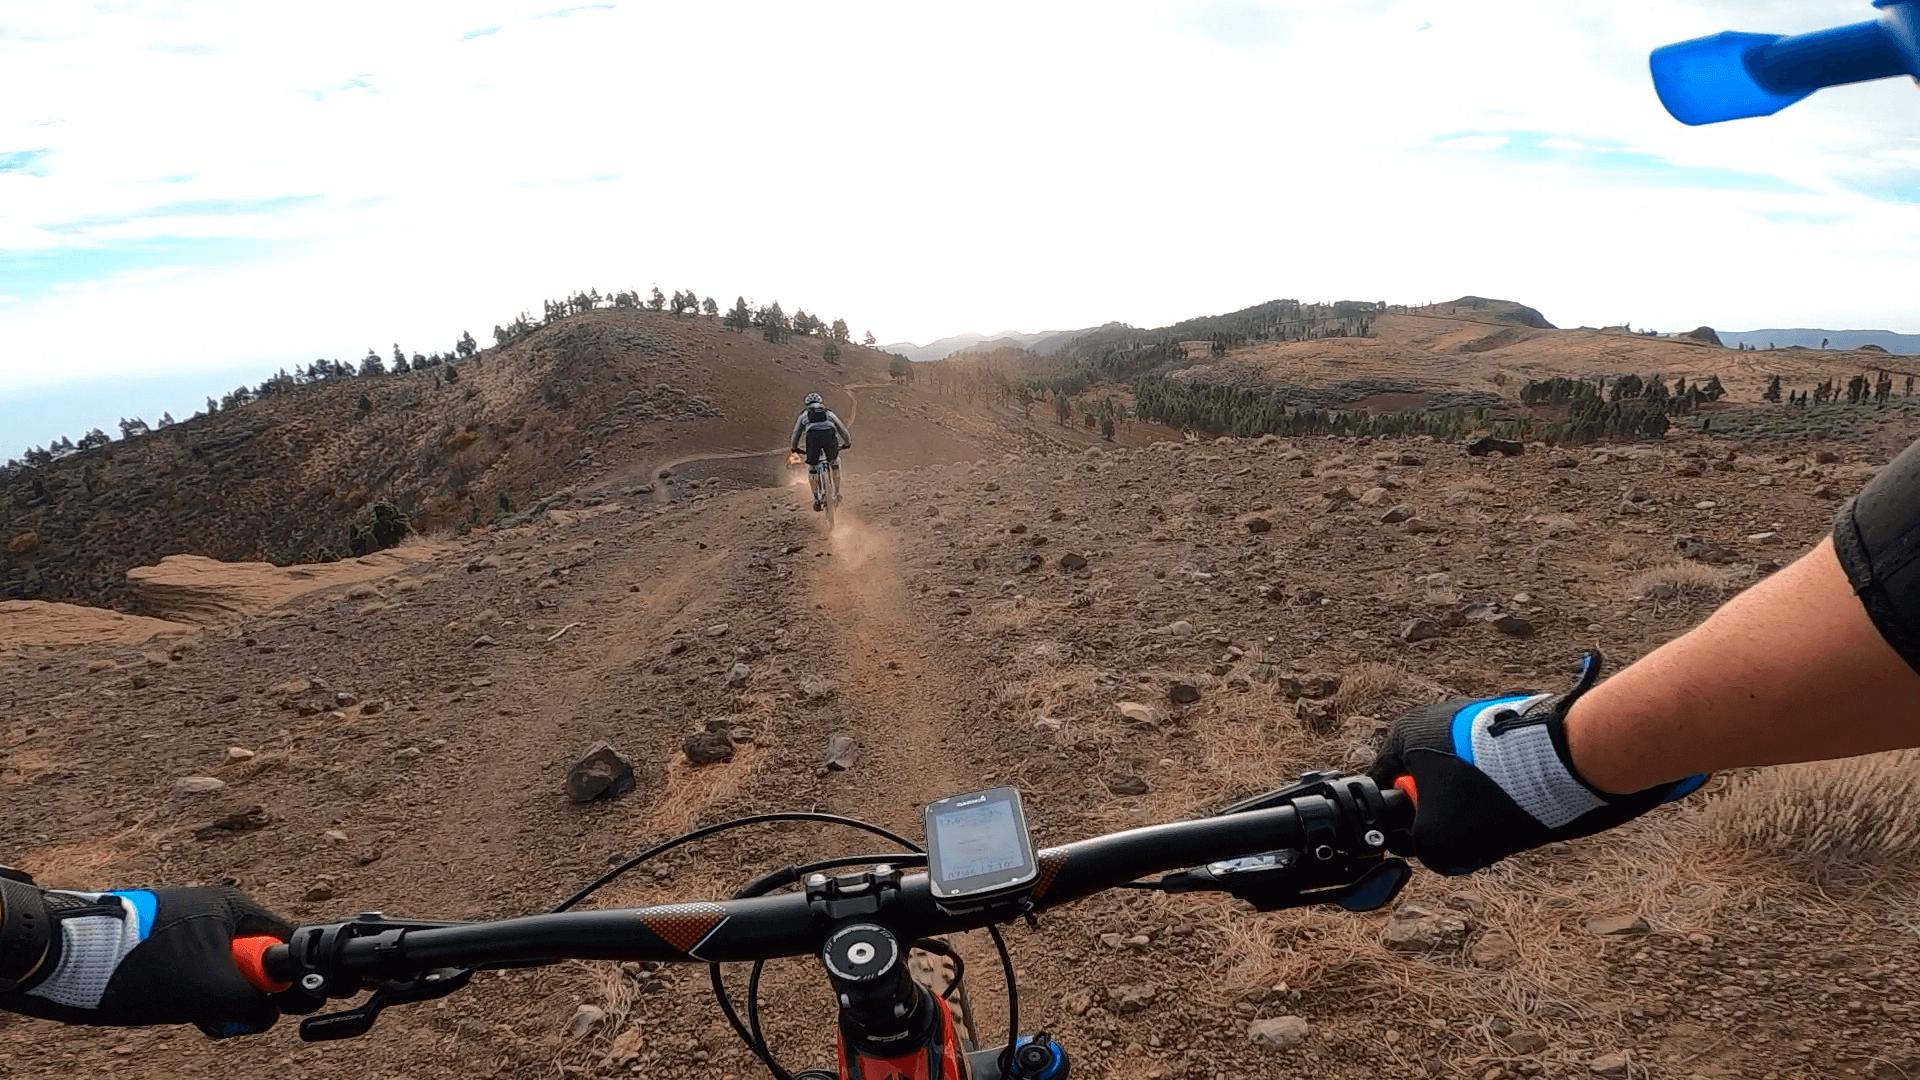 Ruta Enduro MTB en Gran Canaria, Pico de las Nieves - Ingenio